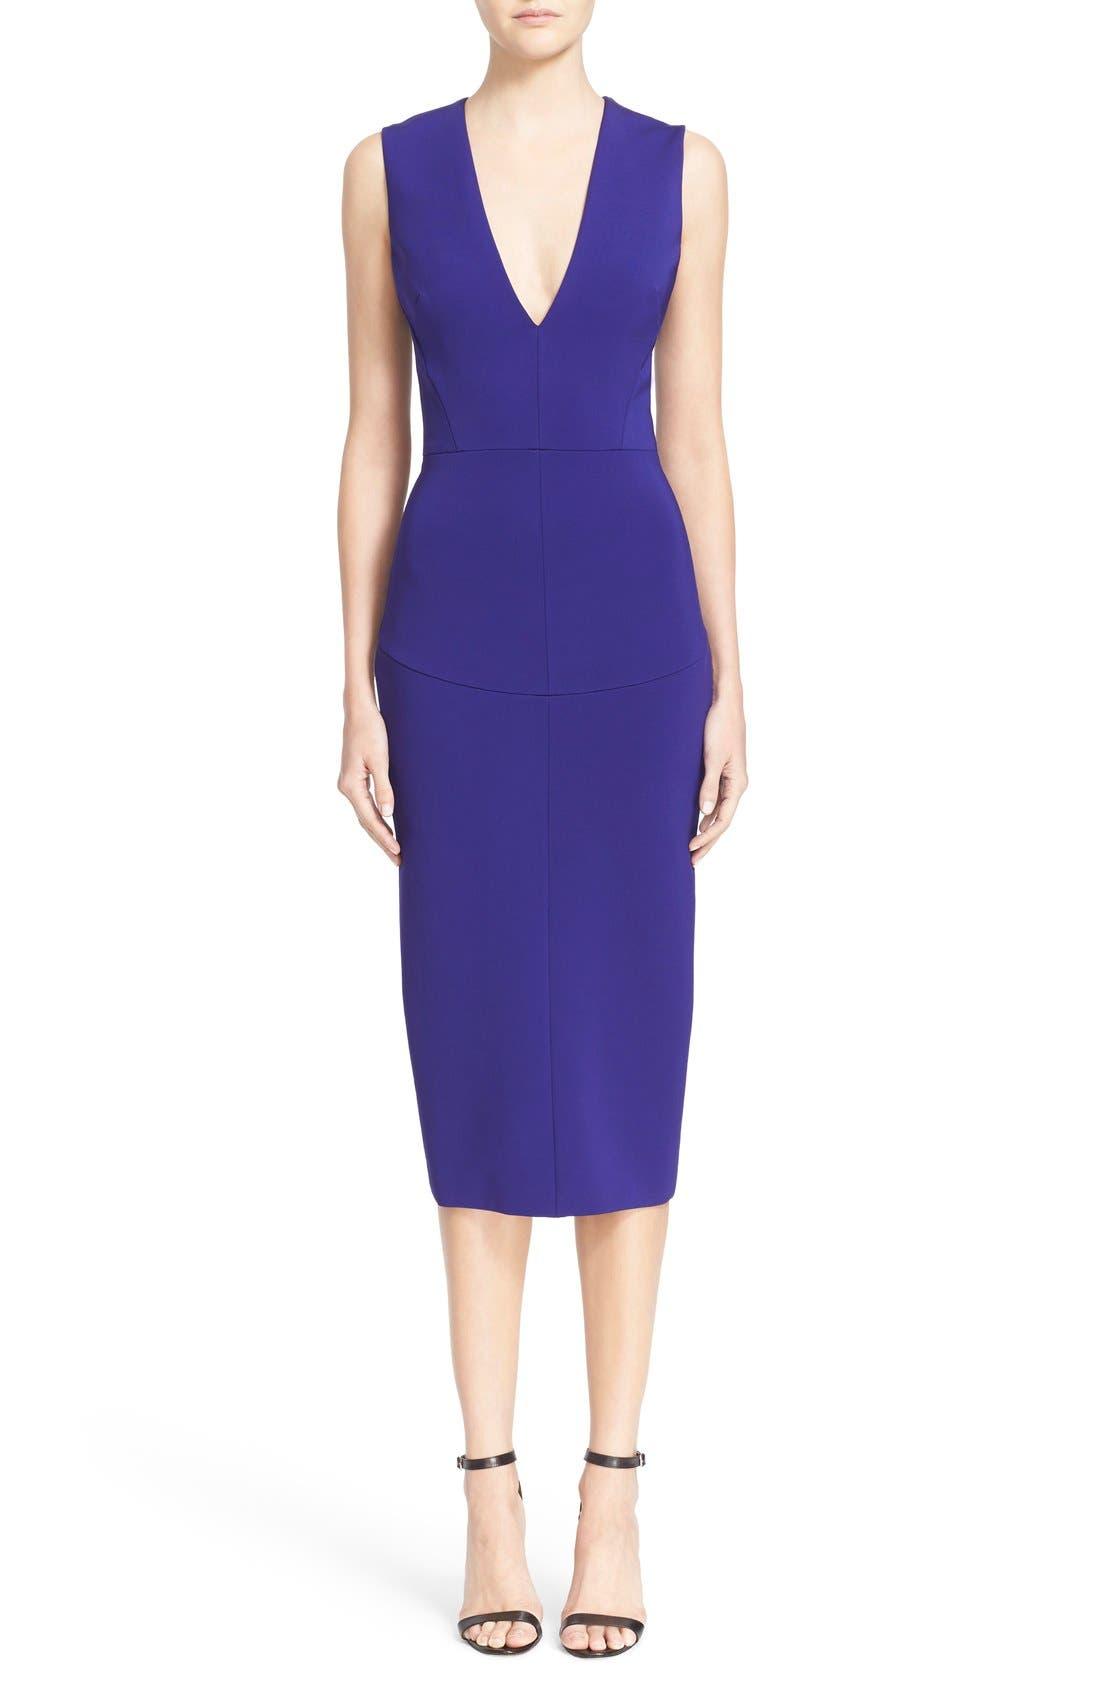 Alternate Image 1 Selected - Victoria Beckham Plunging V-Neck Sheath Dress